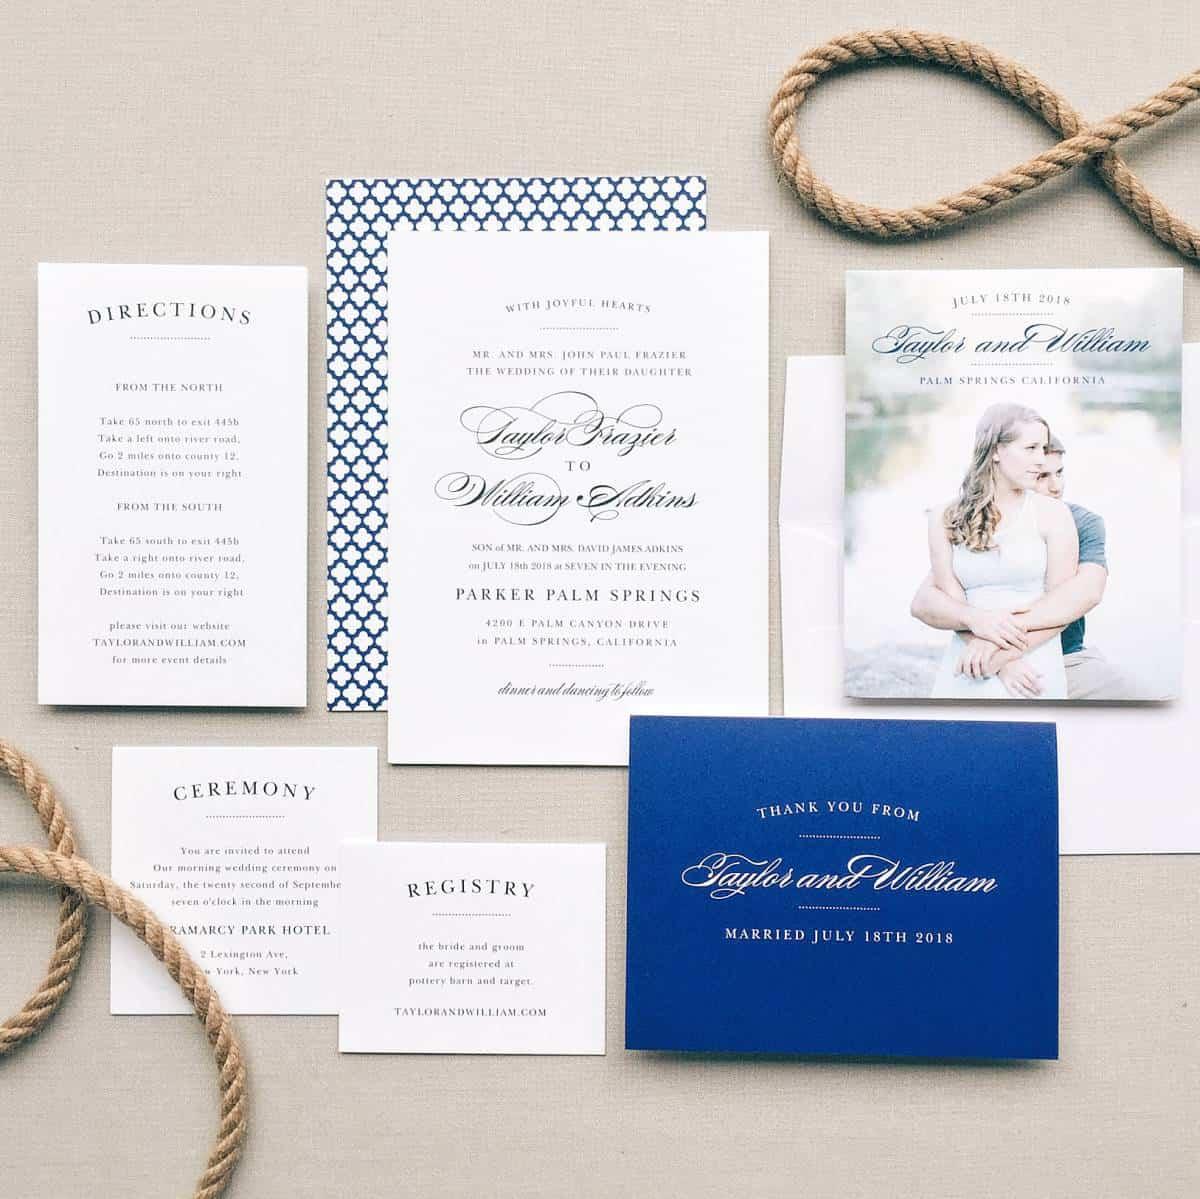 7 Vintage Wedding Invitations by Basic Invite